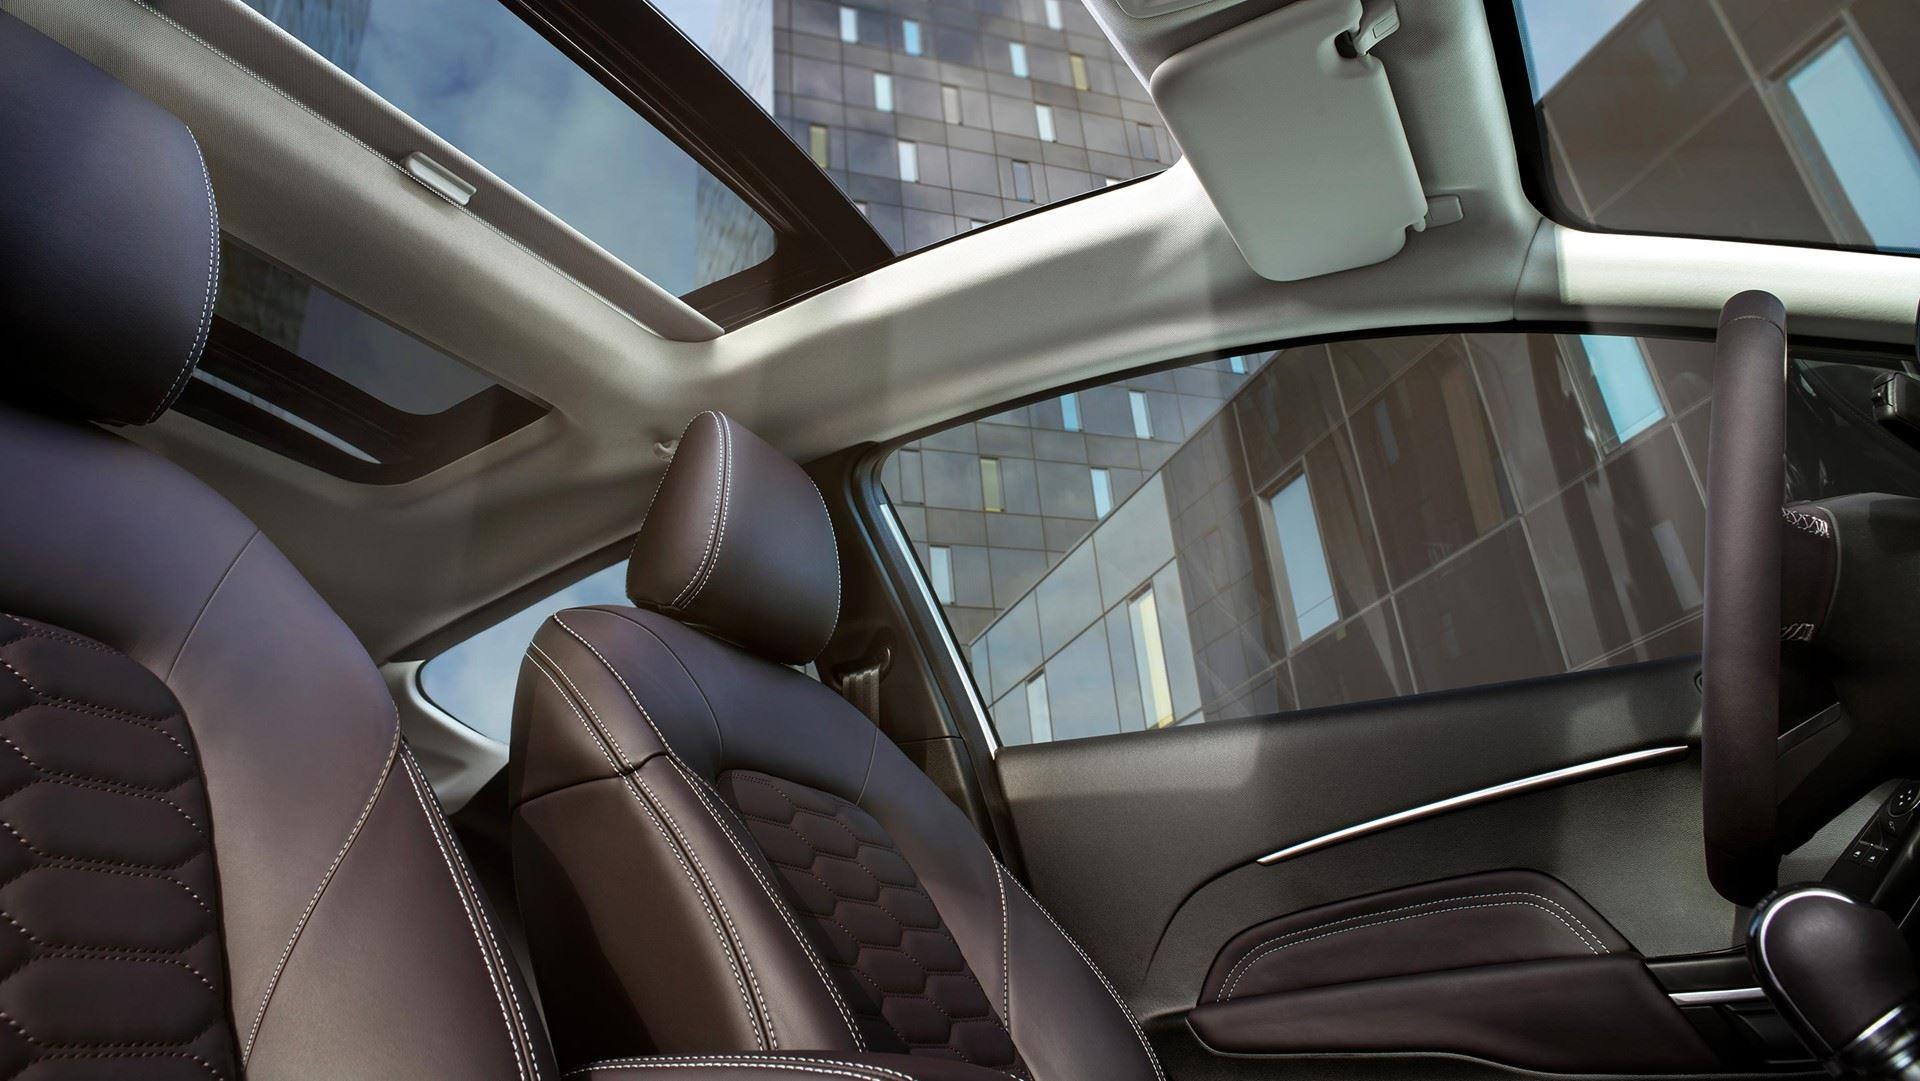 https://0501.nccdn.net/4_2/000/000/07f/5ee/Nova-Ford-Fiesta-Active-Crossover-Notranjost-3-1920x1081.jpg